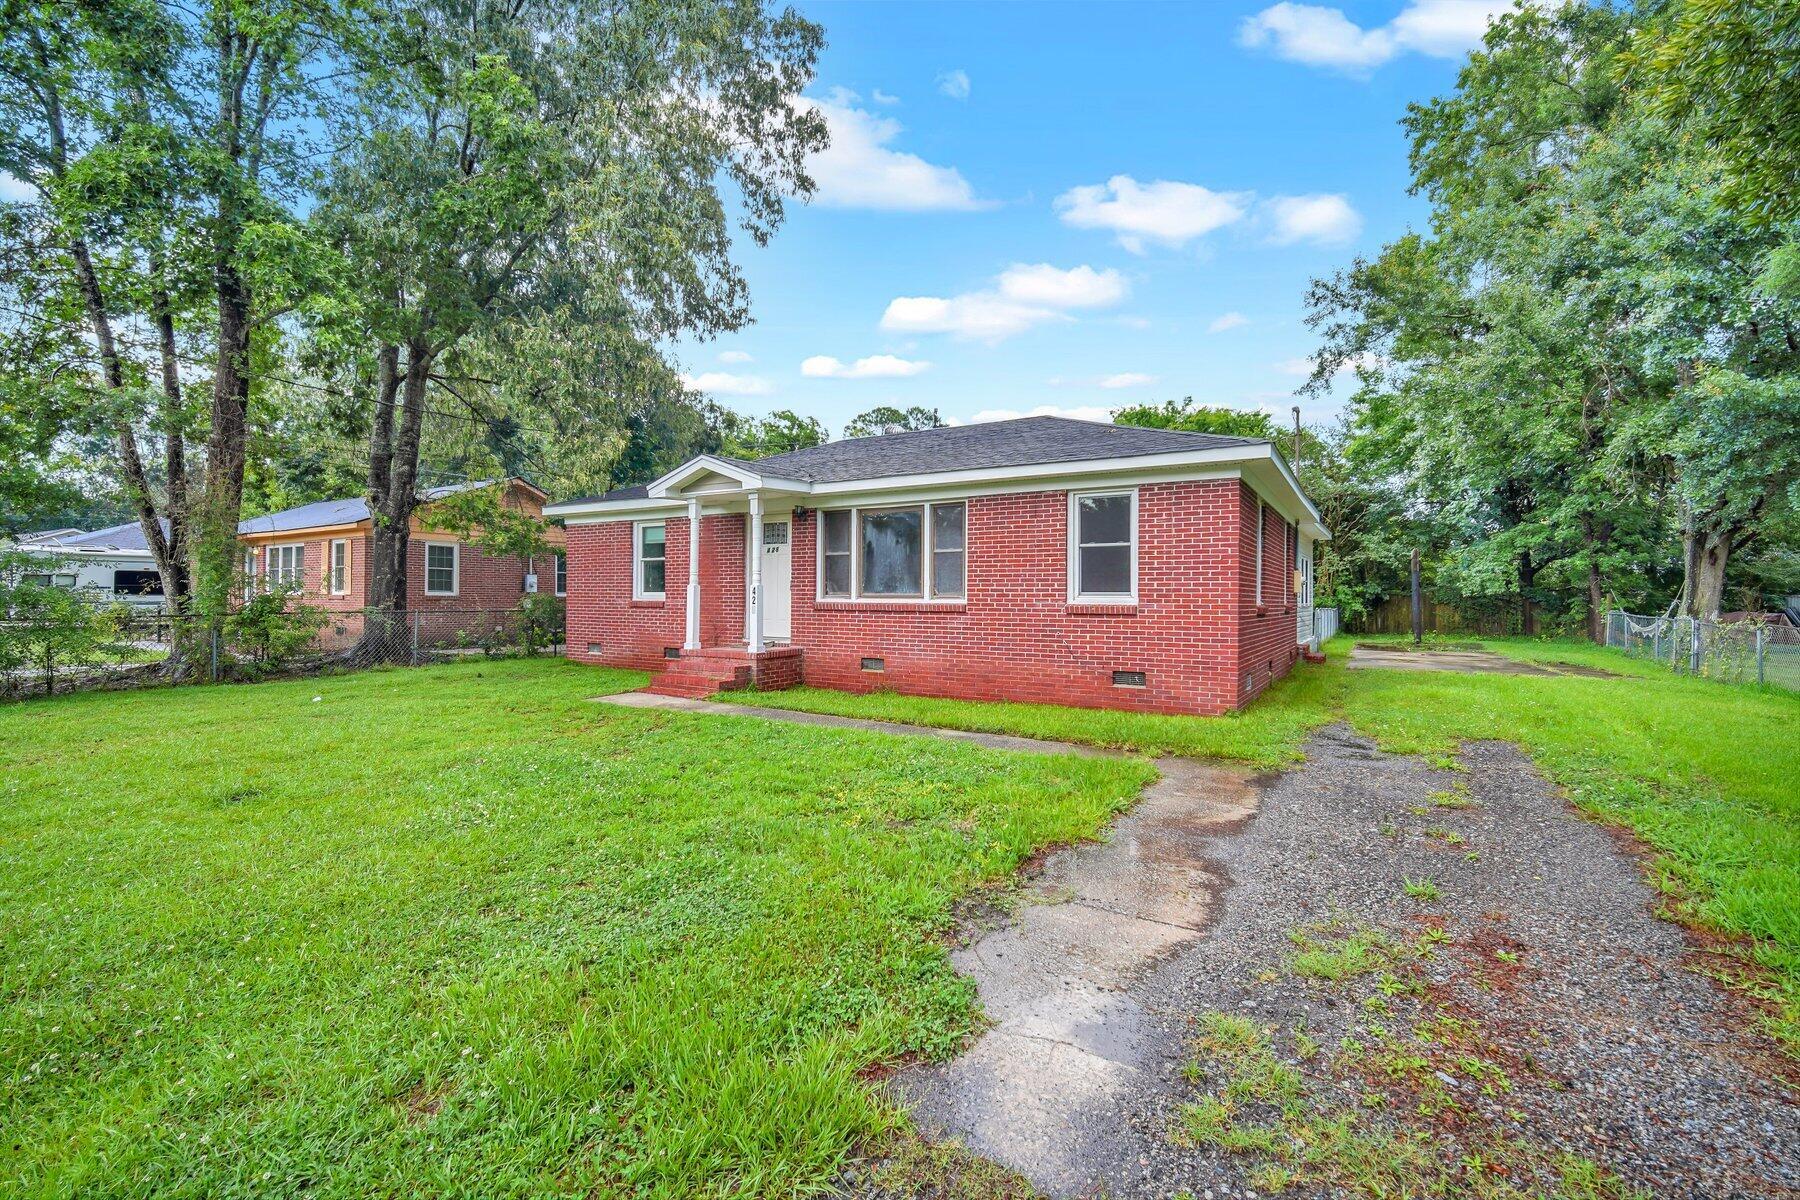 Boulder Bluff Homes For Sale - 428 Annette, Goose Creek, SC - 0